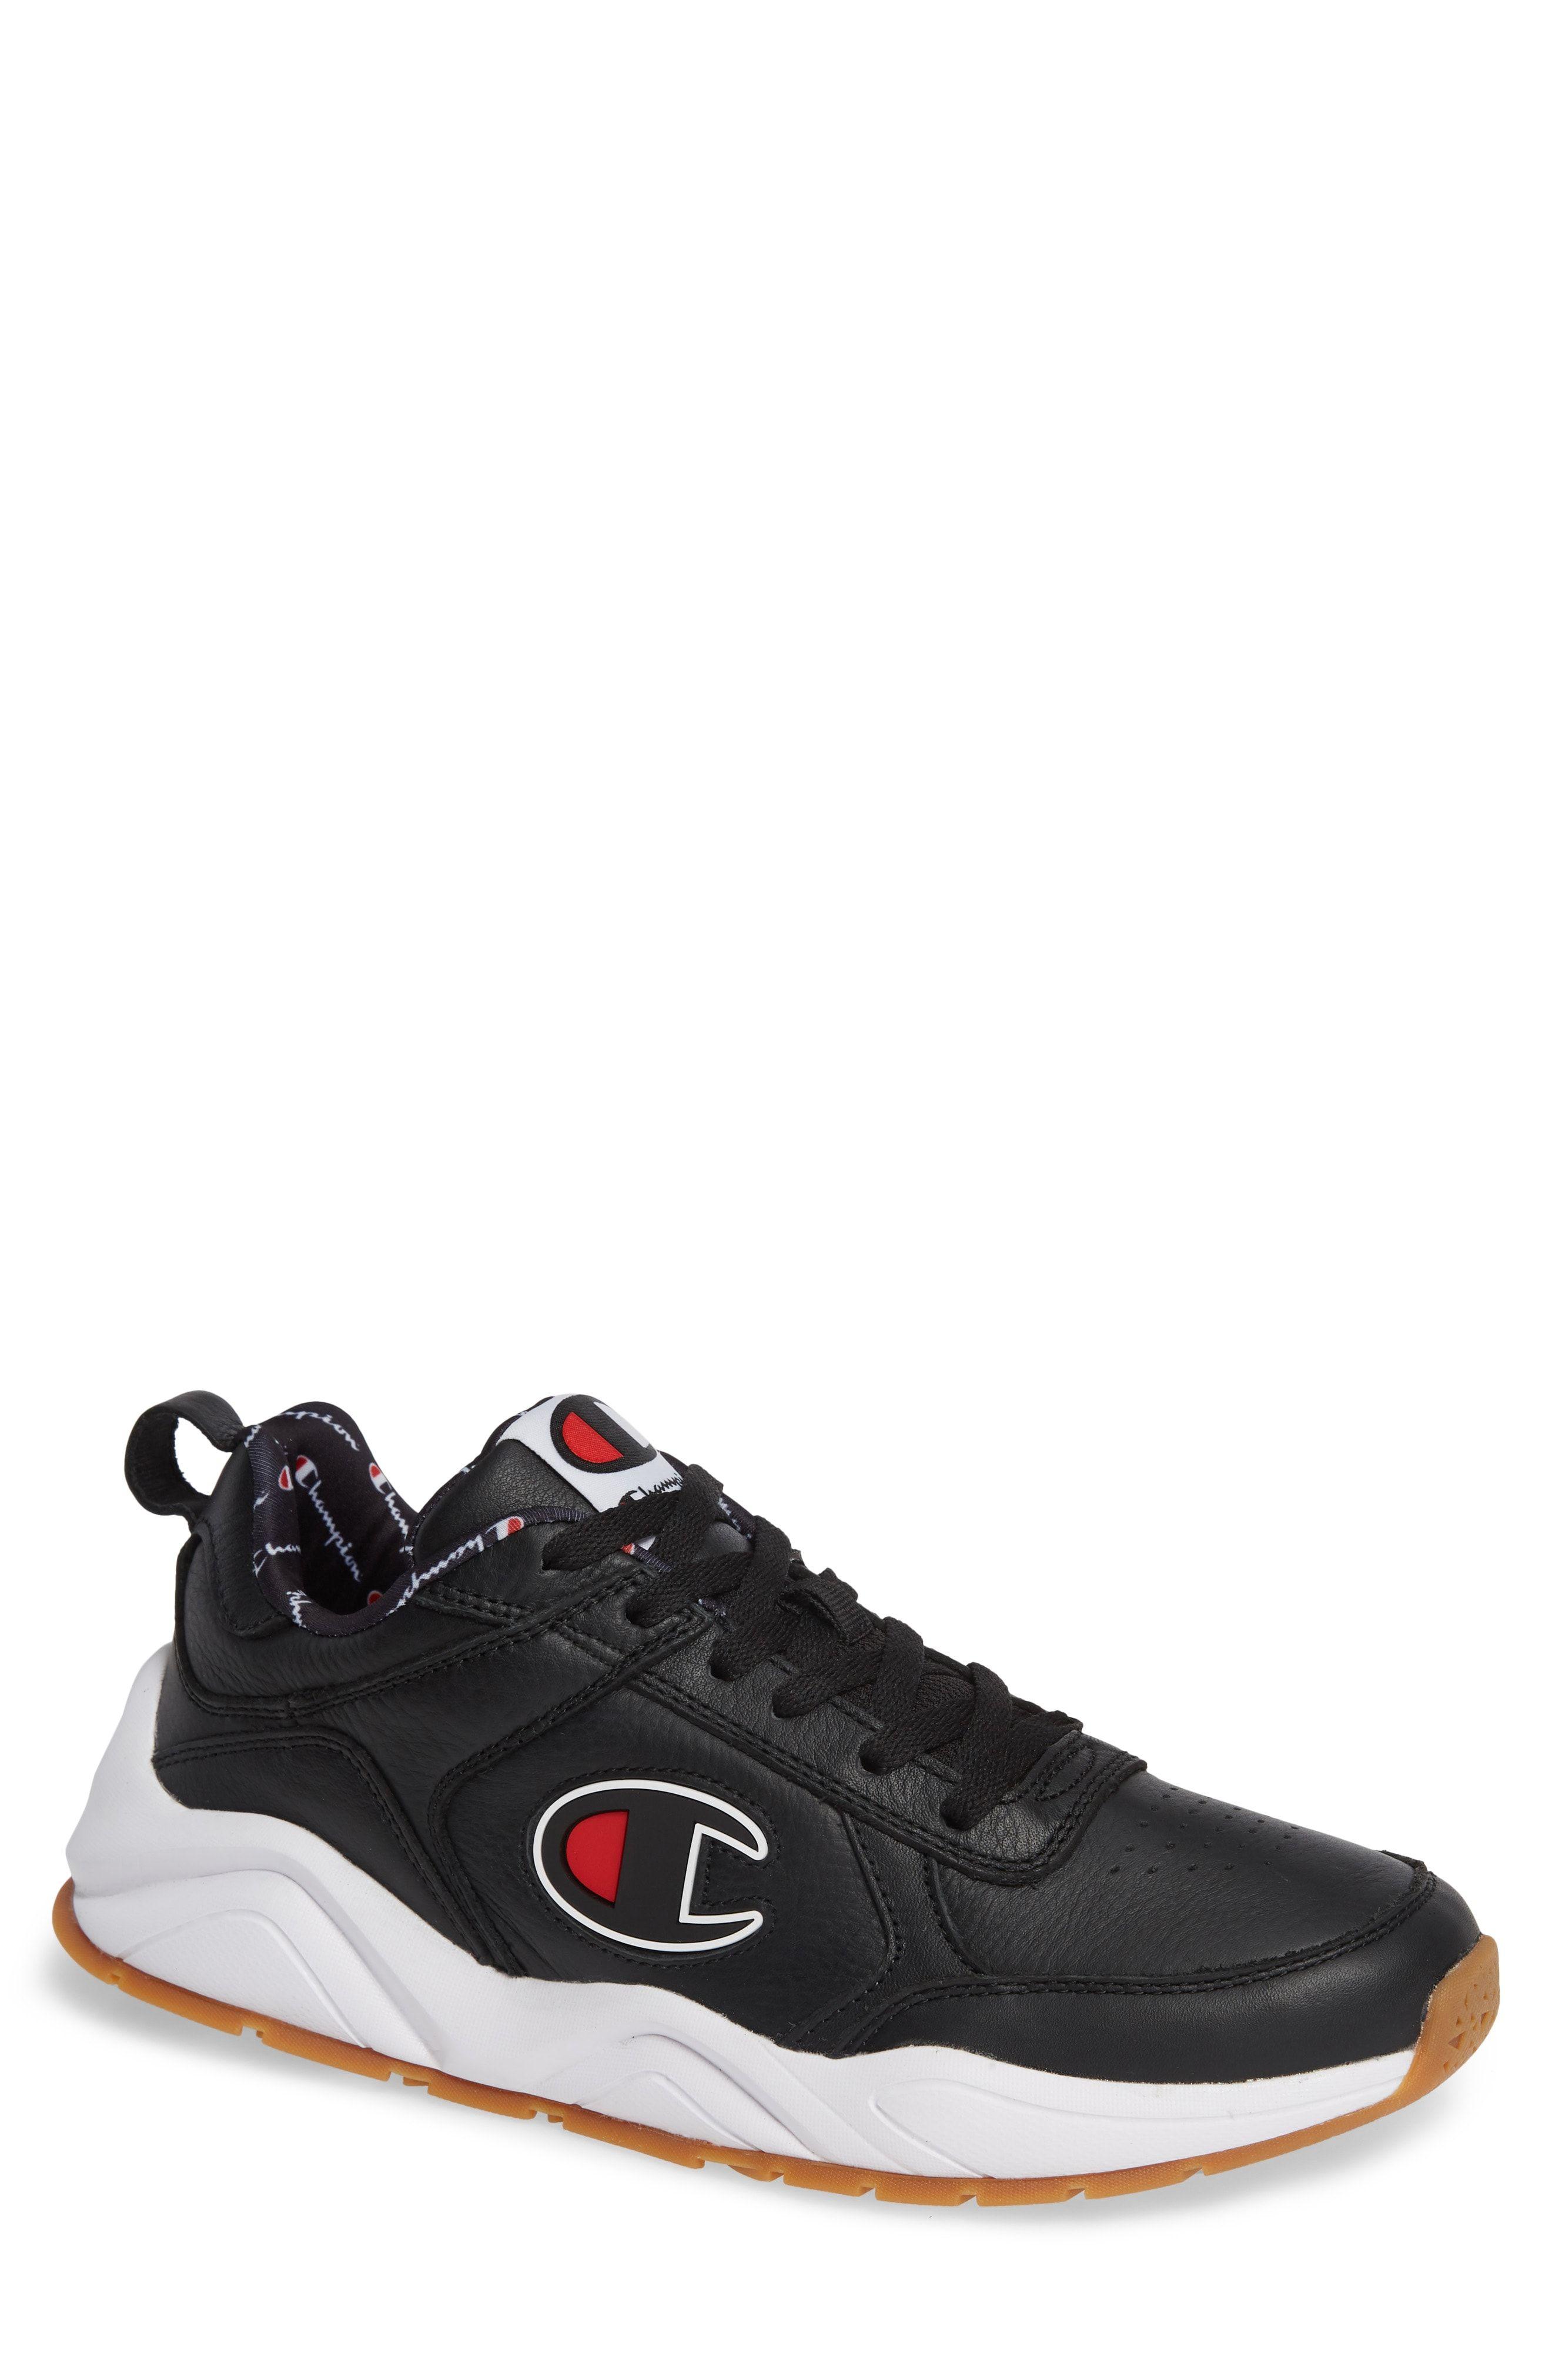 a503f51f4ec CHAMPION BONES BIG-C SNEAKER.  champion  shoes